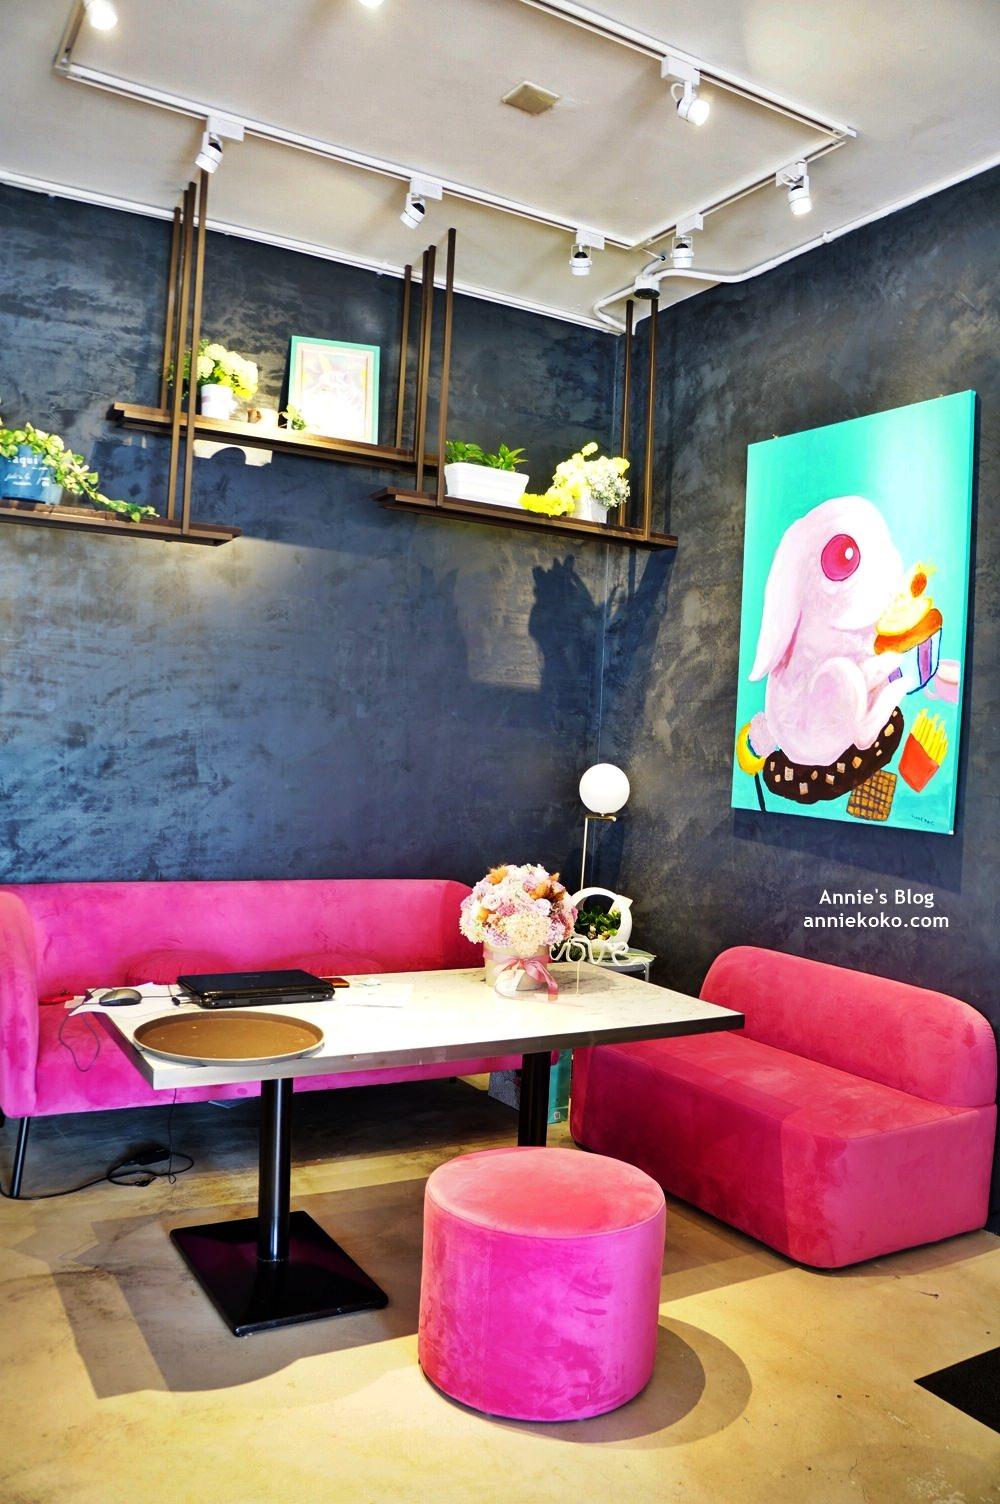 20180920194203 3 - [MukoBrunch] 大安區早午餐 光影與柔軟的法式吐司邂逅 一切都很美好的空間 東門站美食